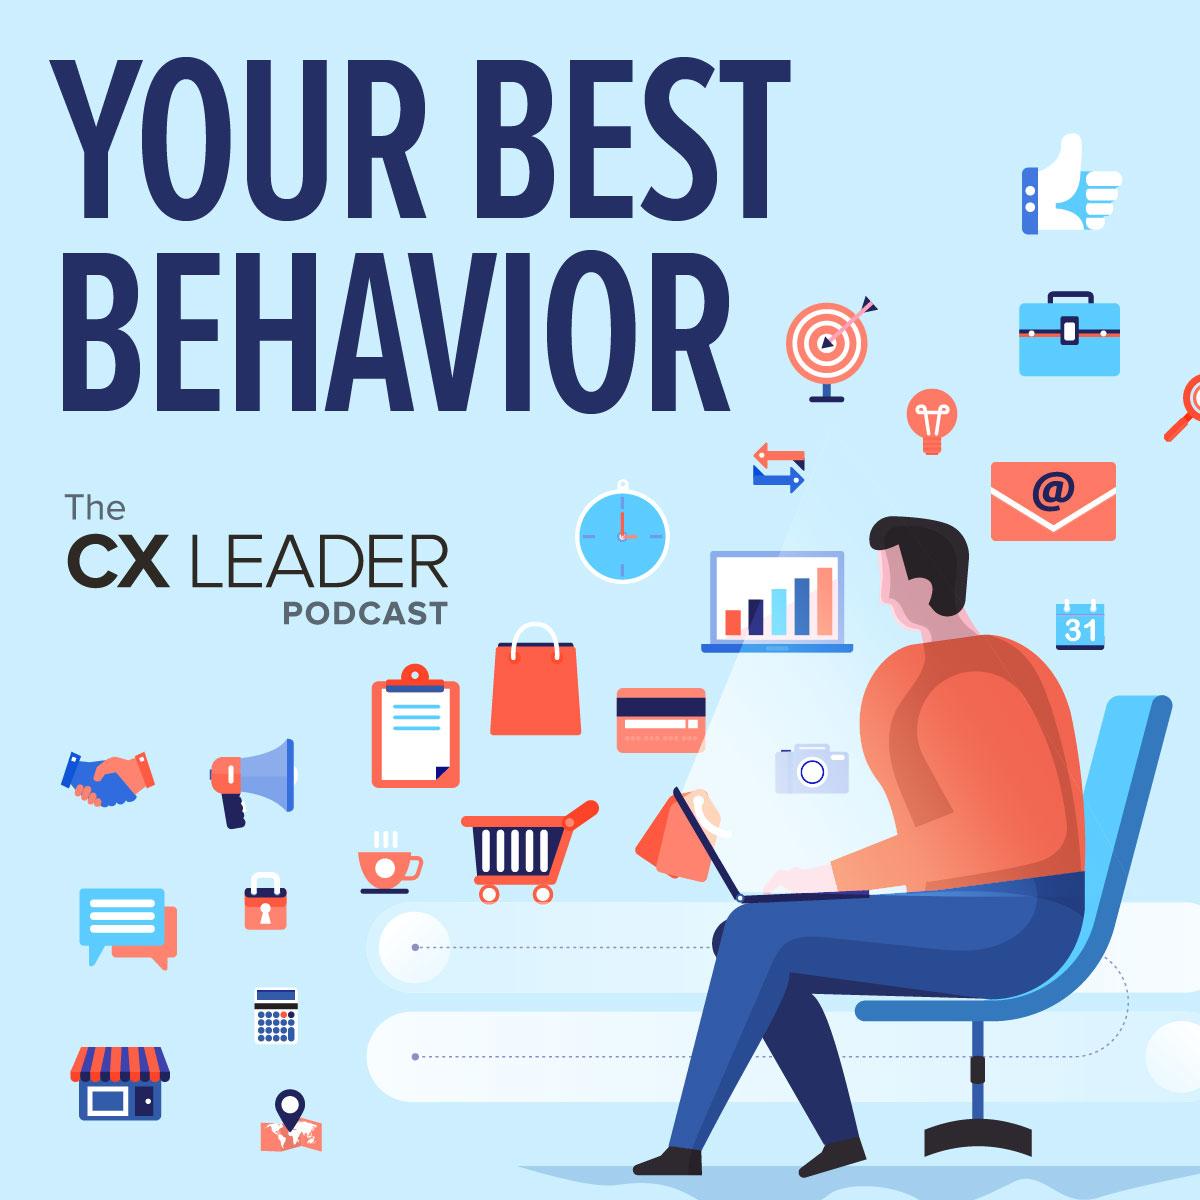 Your Best Behavior